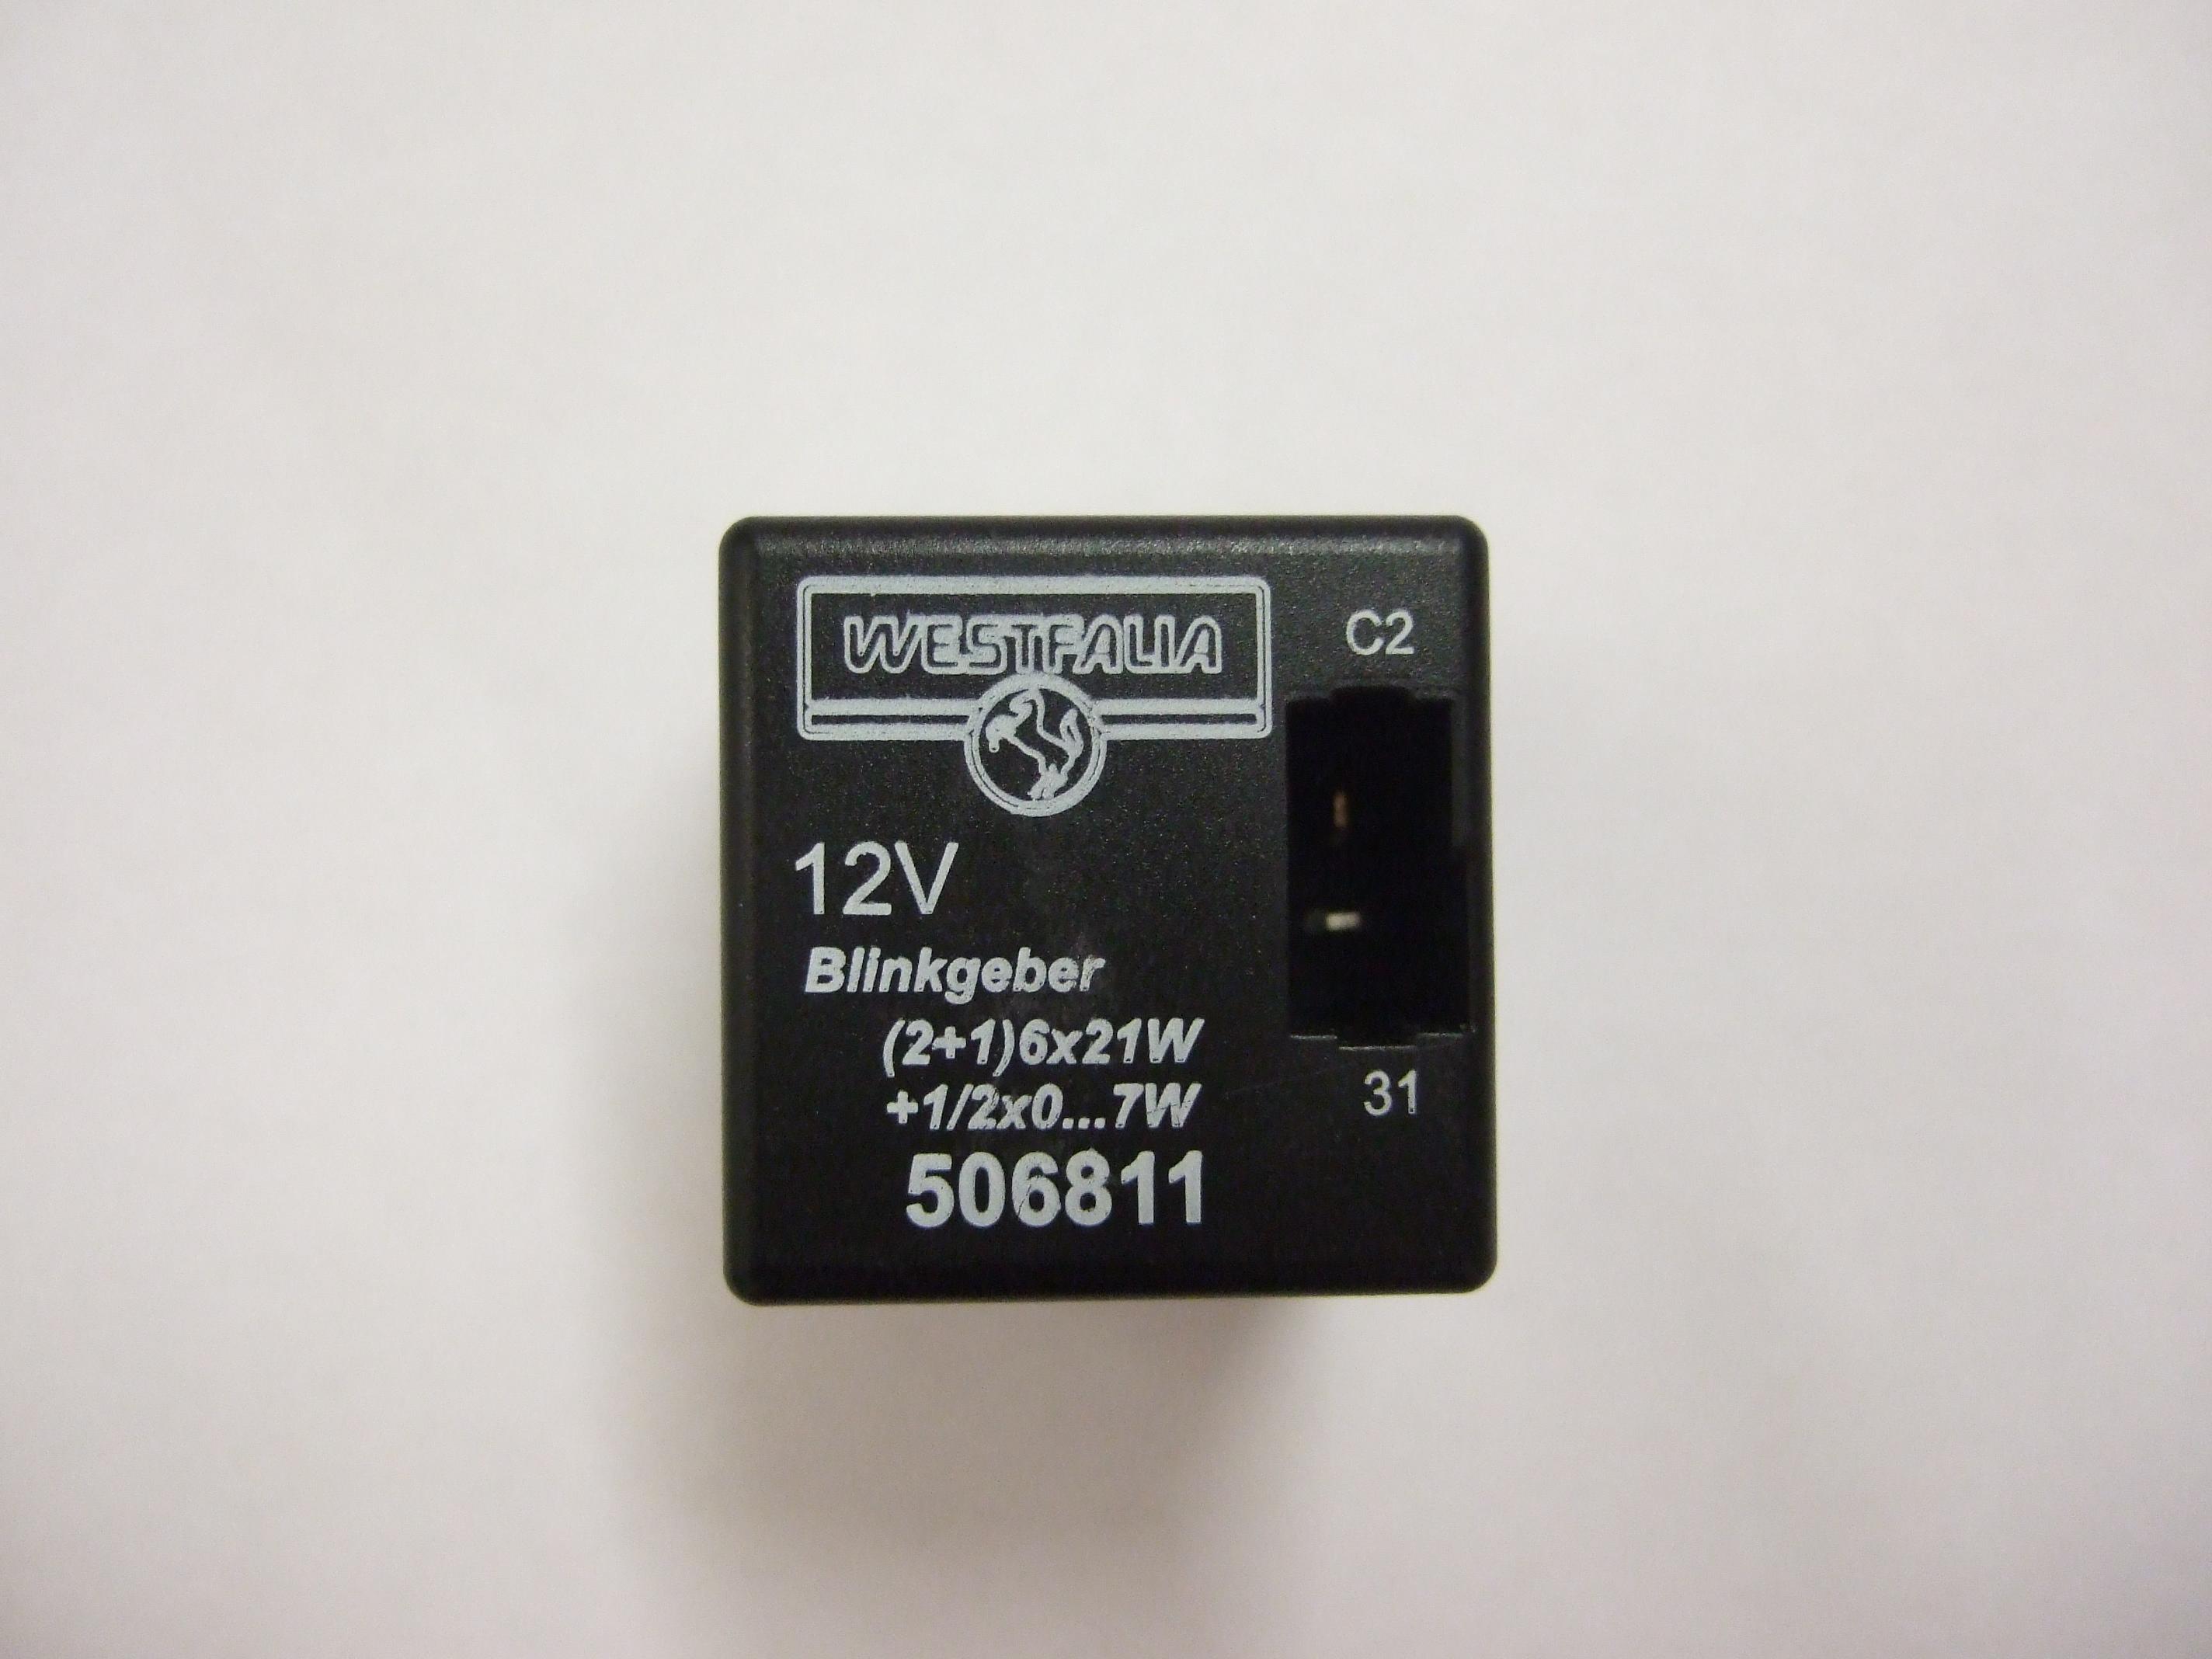 Modul Steuergerät Westfalia 12V (2+1)6x21W+1-2x0…10W 506811.